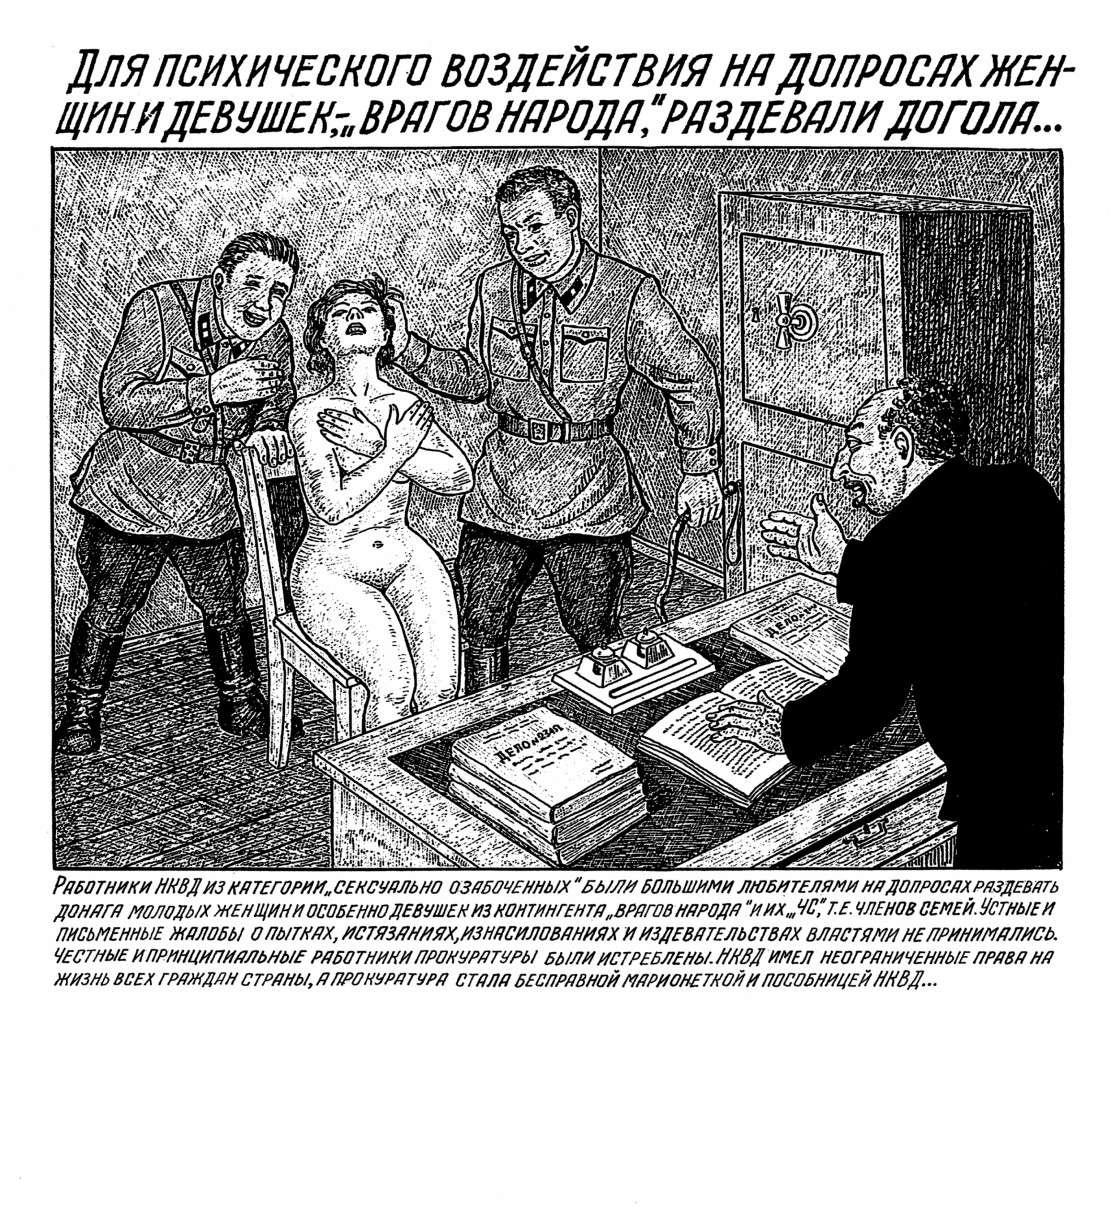 Σχέδιο από το Γκουλάγκ του Danzig Baldaev © FUEL Publishing (2010) ISBN: 978-0956356246 (© Danzig Baldaev / FUEL Publishing) Πηγή: www.lifo.gr